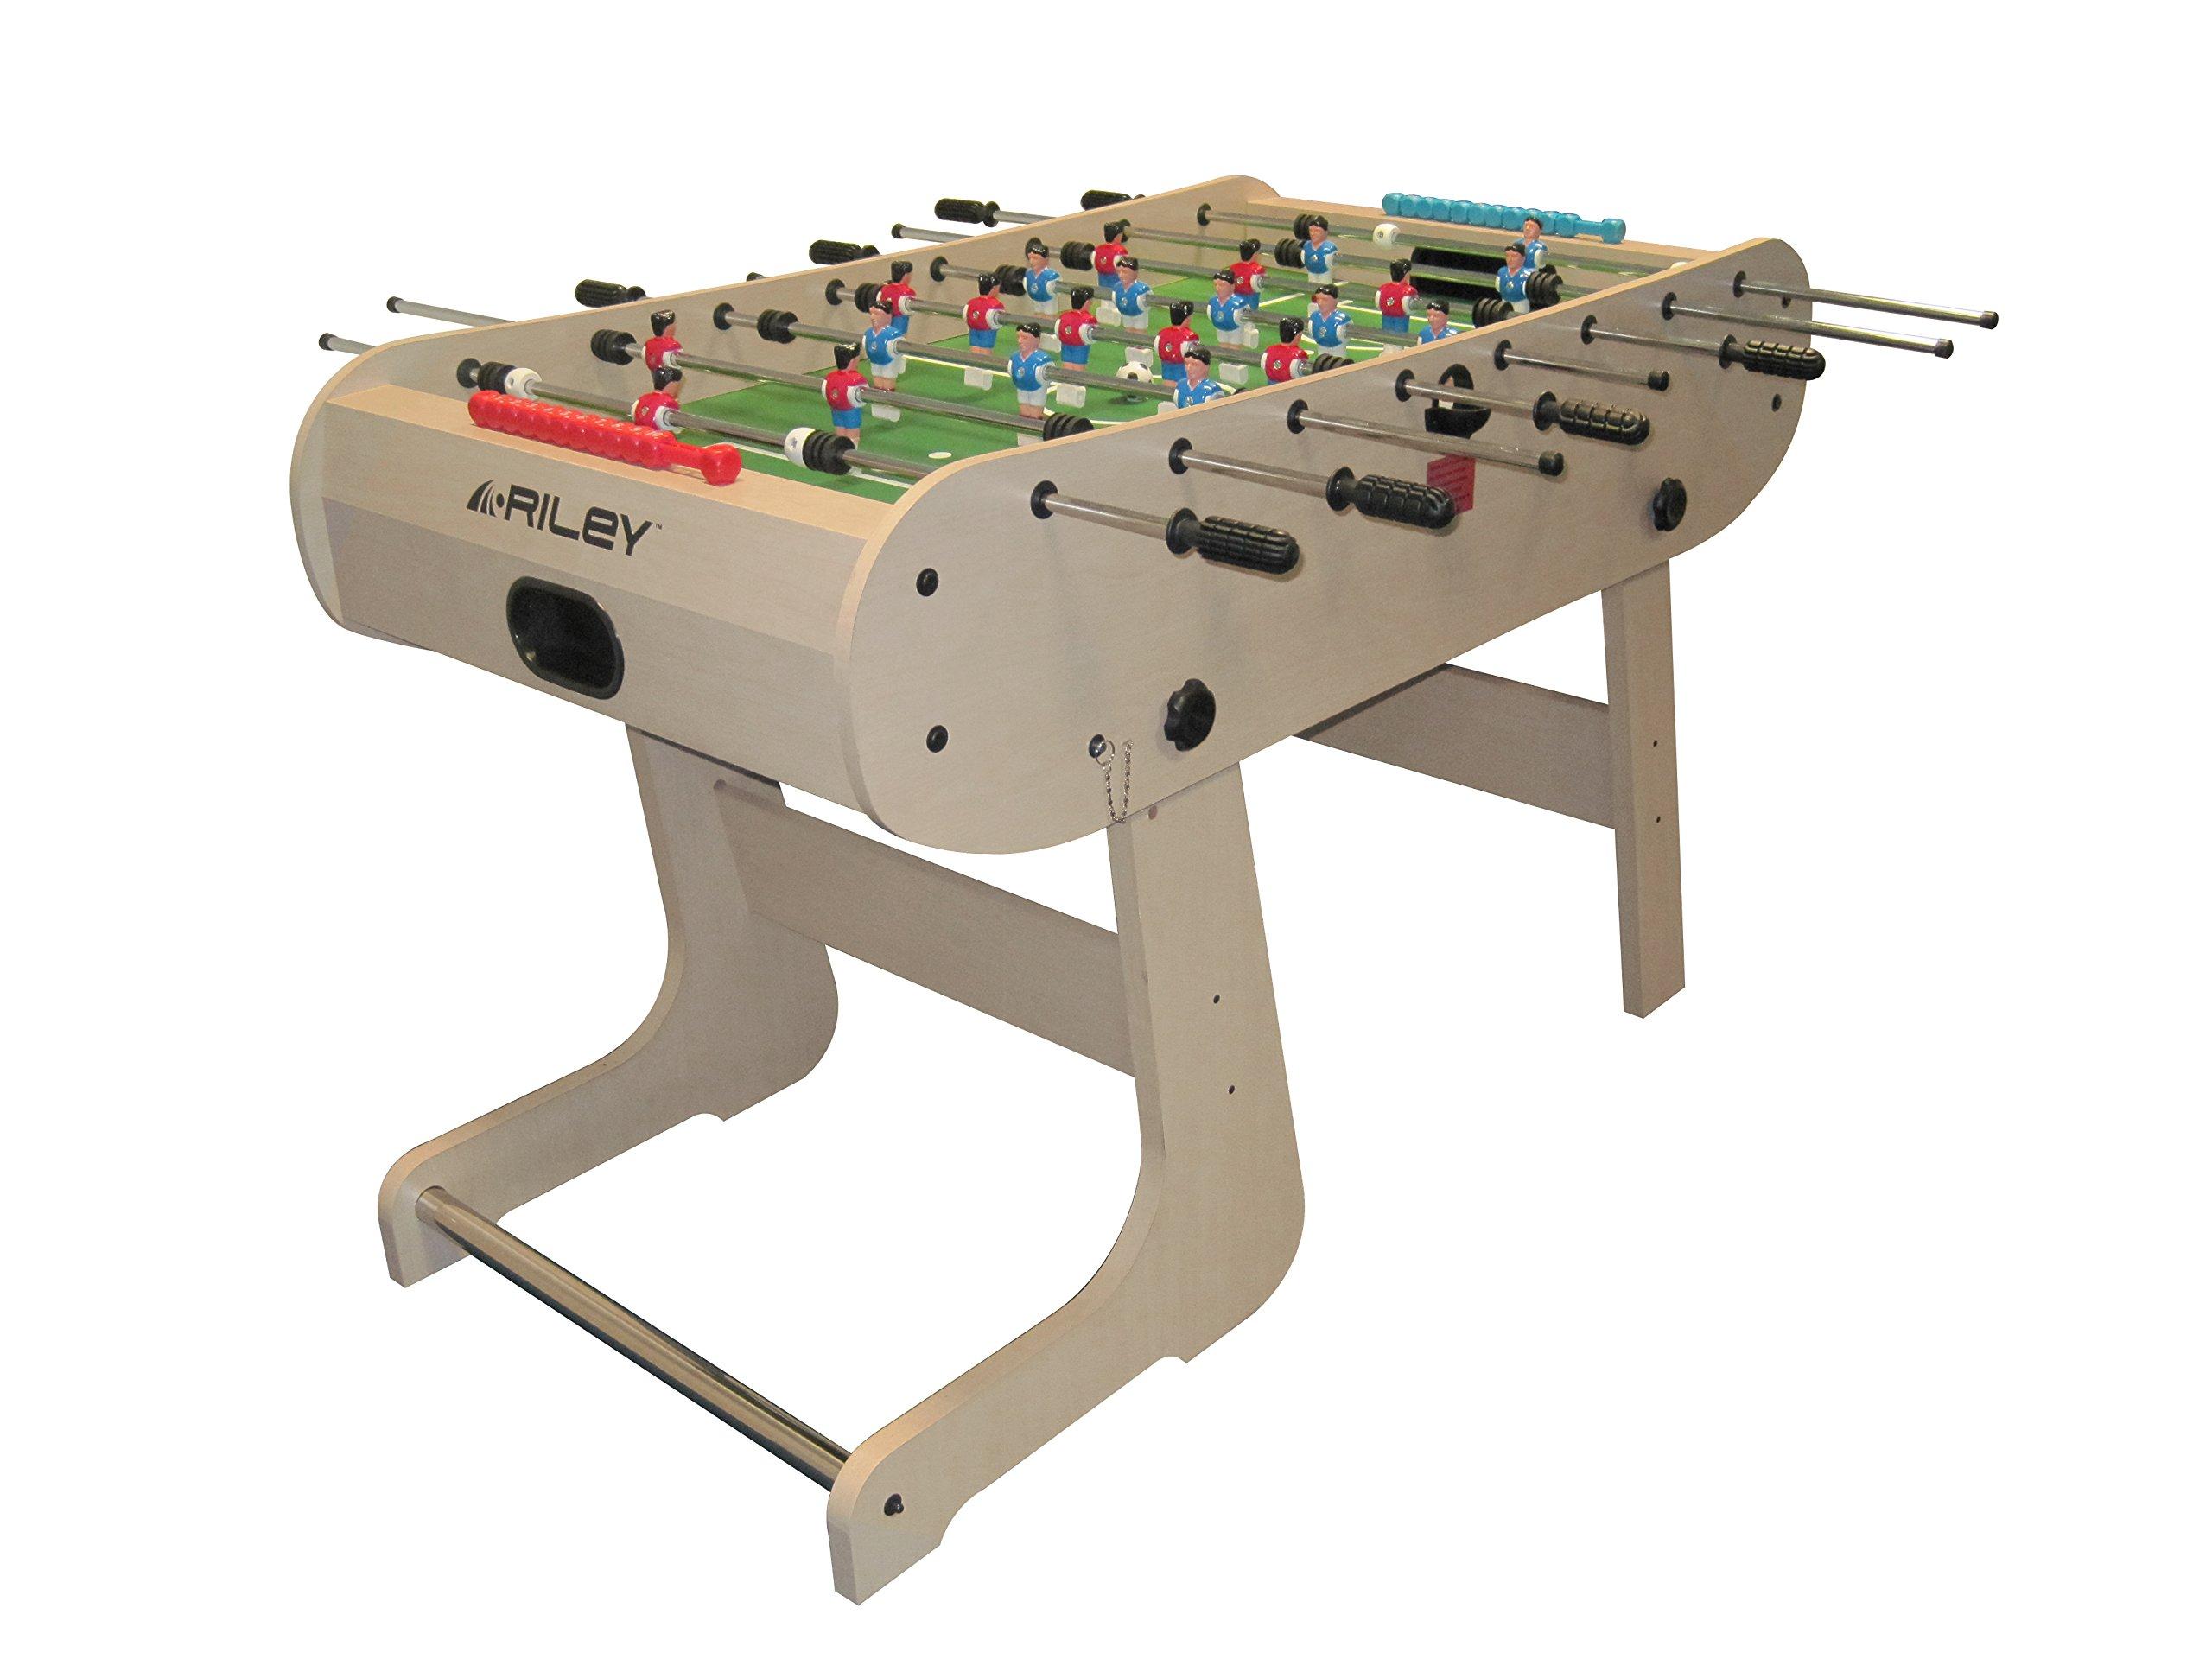 Riley Mesa de futbolín Riley HFT-5N plegable (Formación: 3-2-5-3, Barras suaves y cromadas, Porterías integradas): Amazon.es: Juguetes y juegos